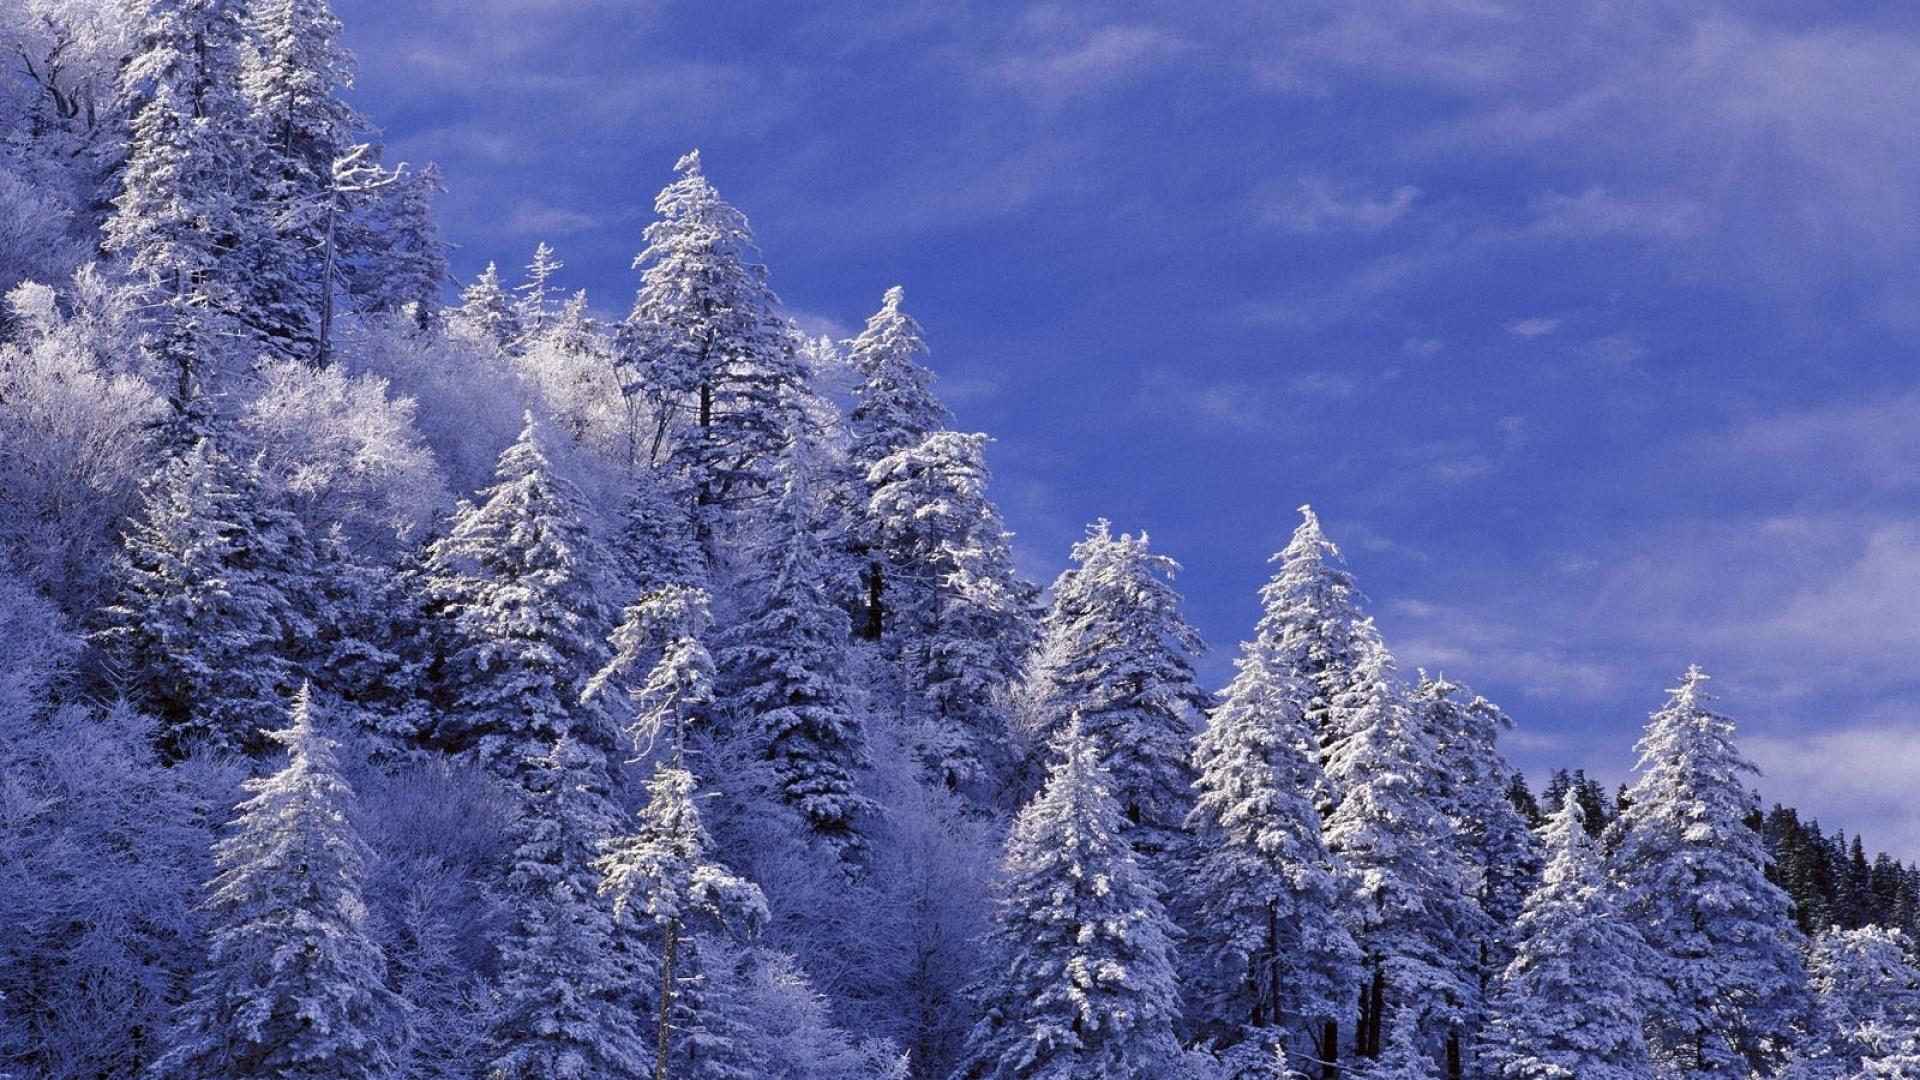 рейтинга зимний лес стихи красивые рептилию